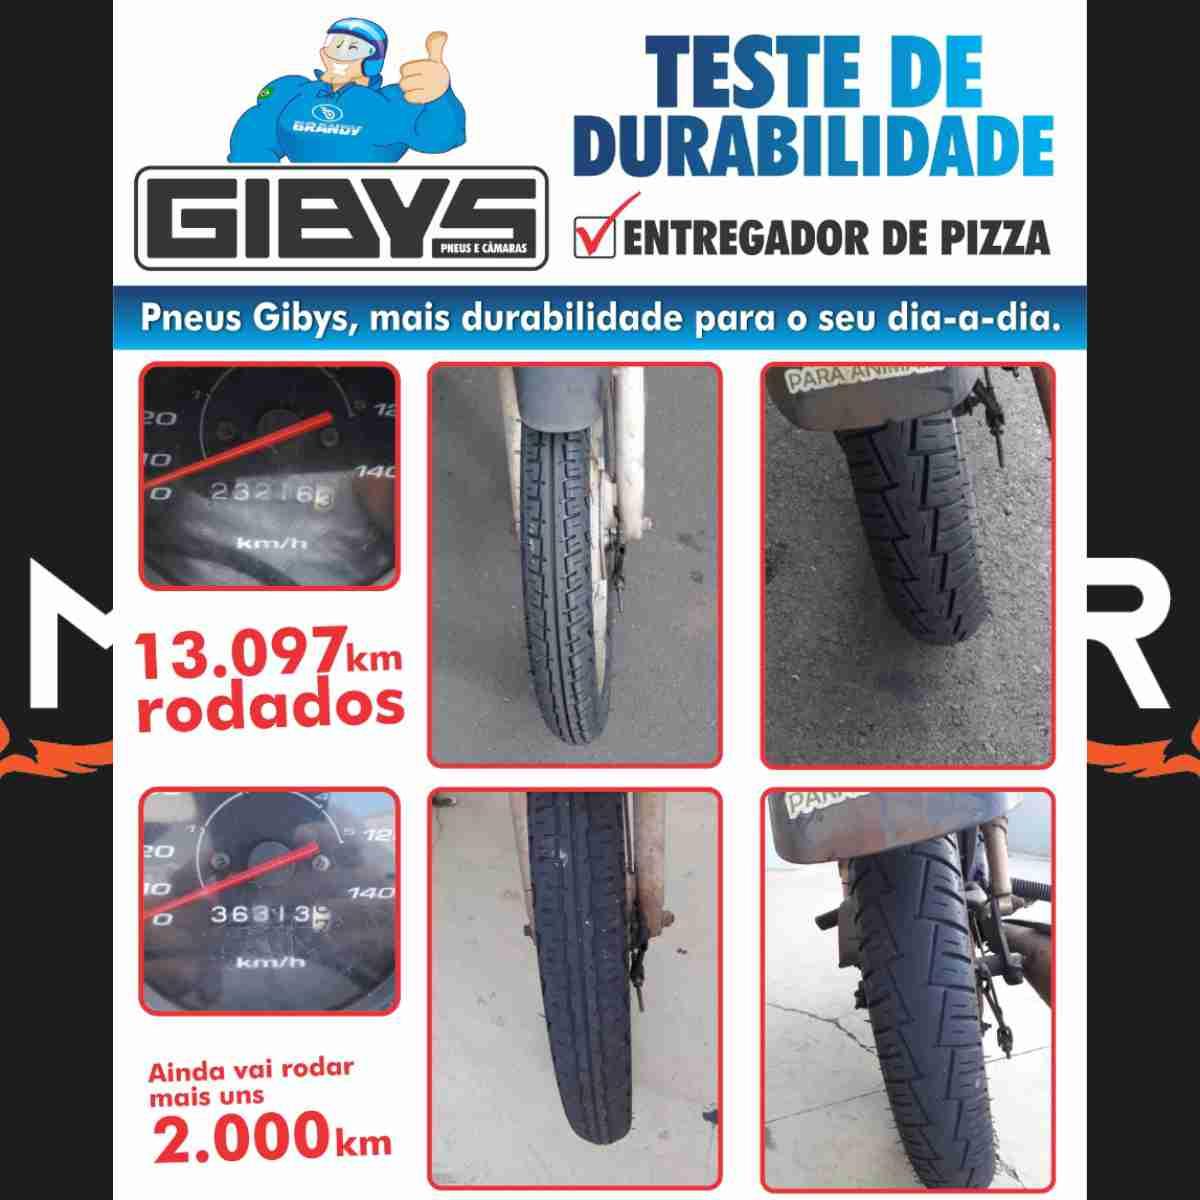 PNEU DE MOTO BRANDY GIBYS BYCITYPOWER TRASEIRO 90/90-18 57P USO COM CÂMARA